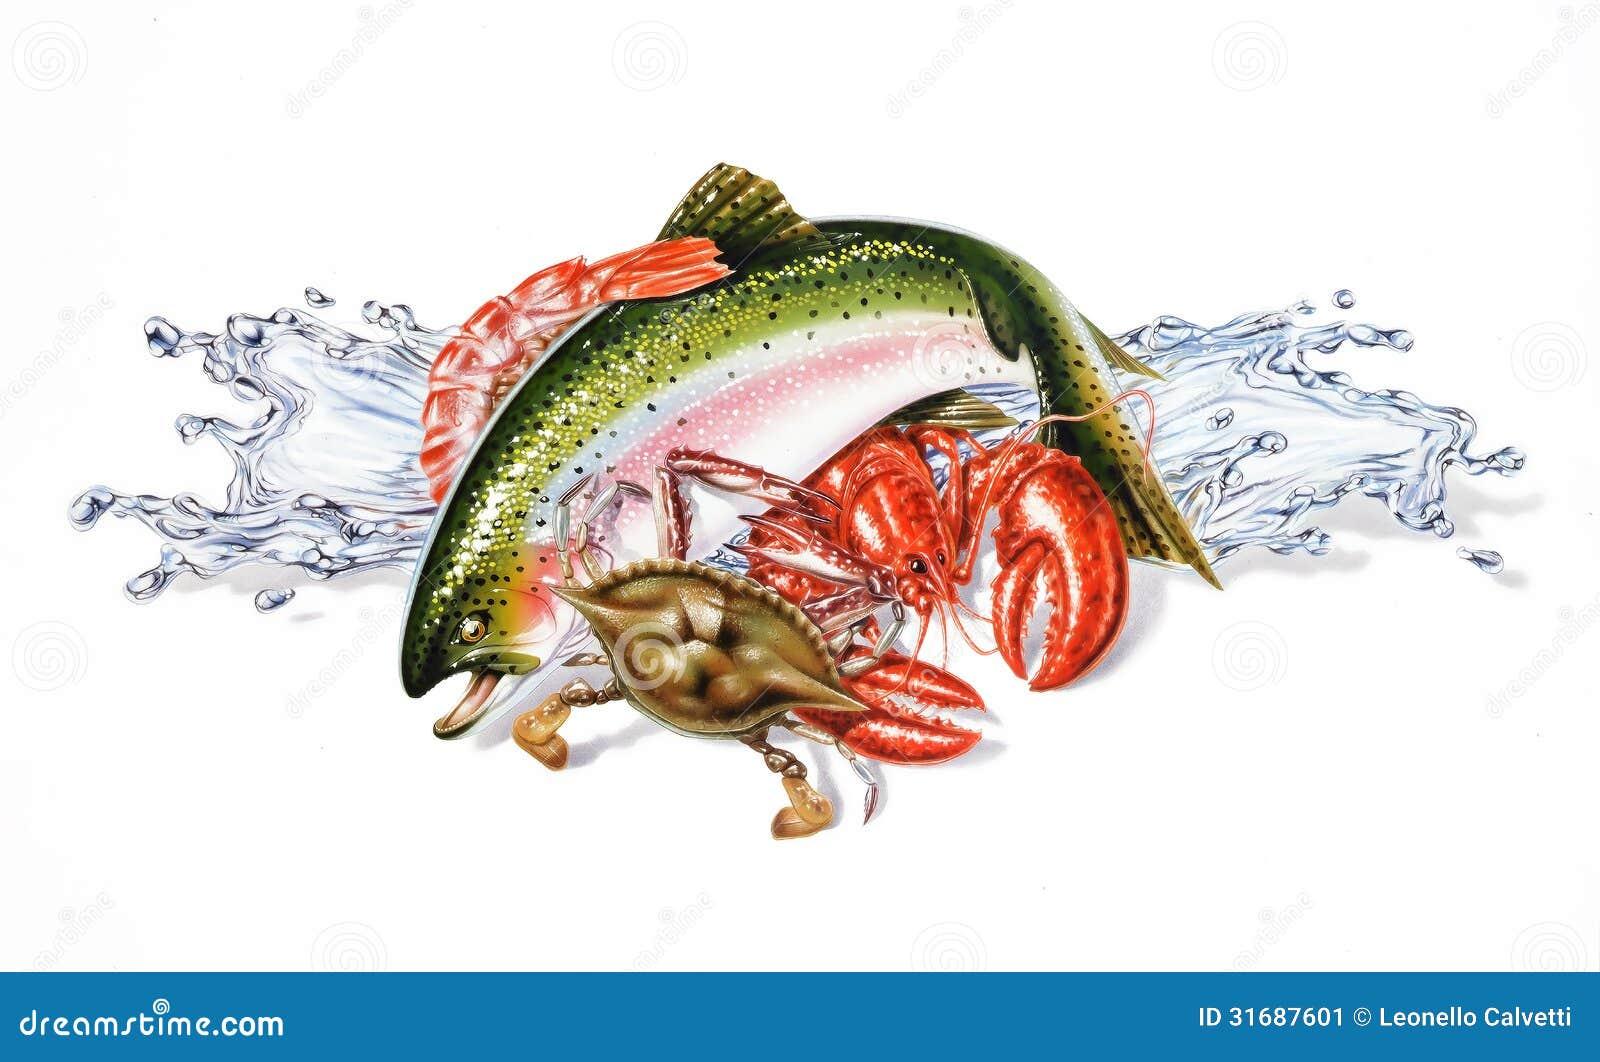 Skład różny owoce morza i ryba, z wodnymi pluśnięciami.